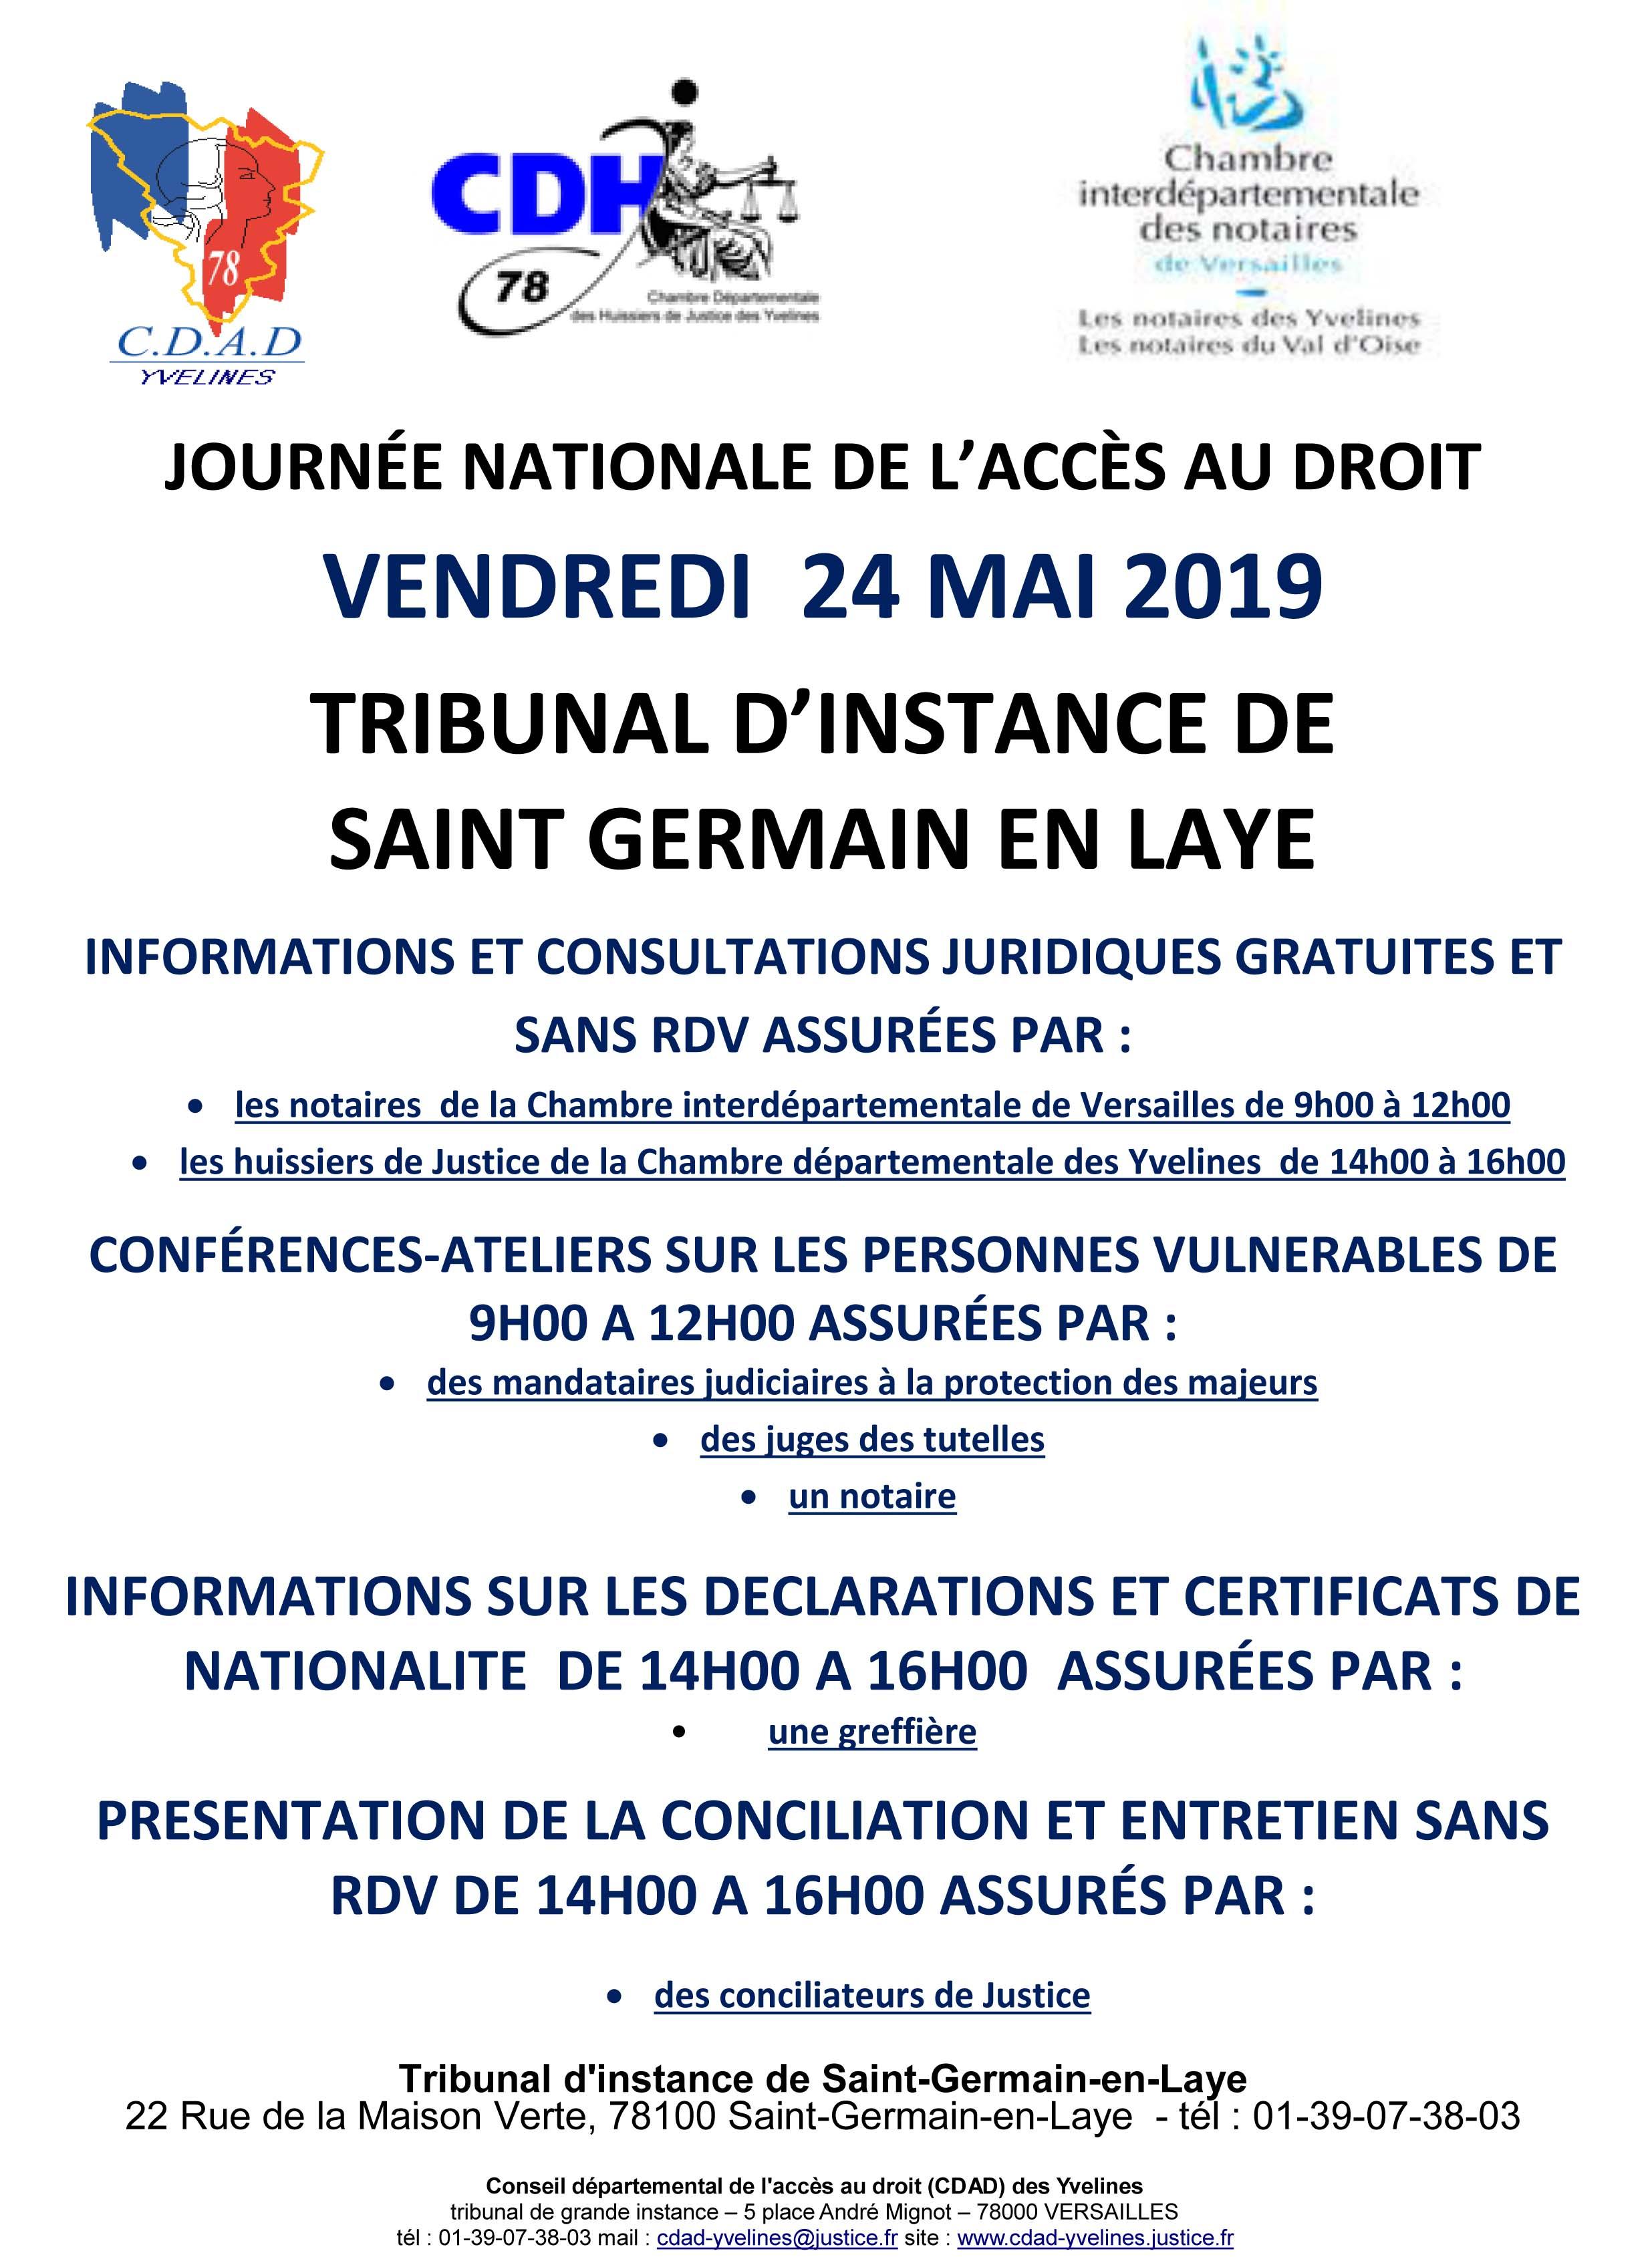 Journée internationale de l'accès au droit